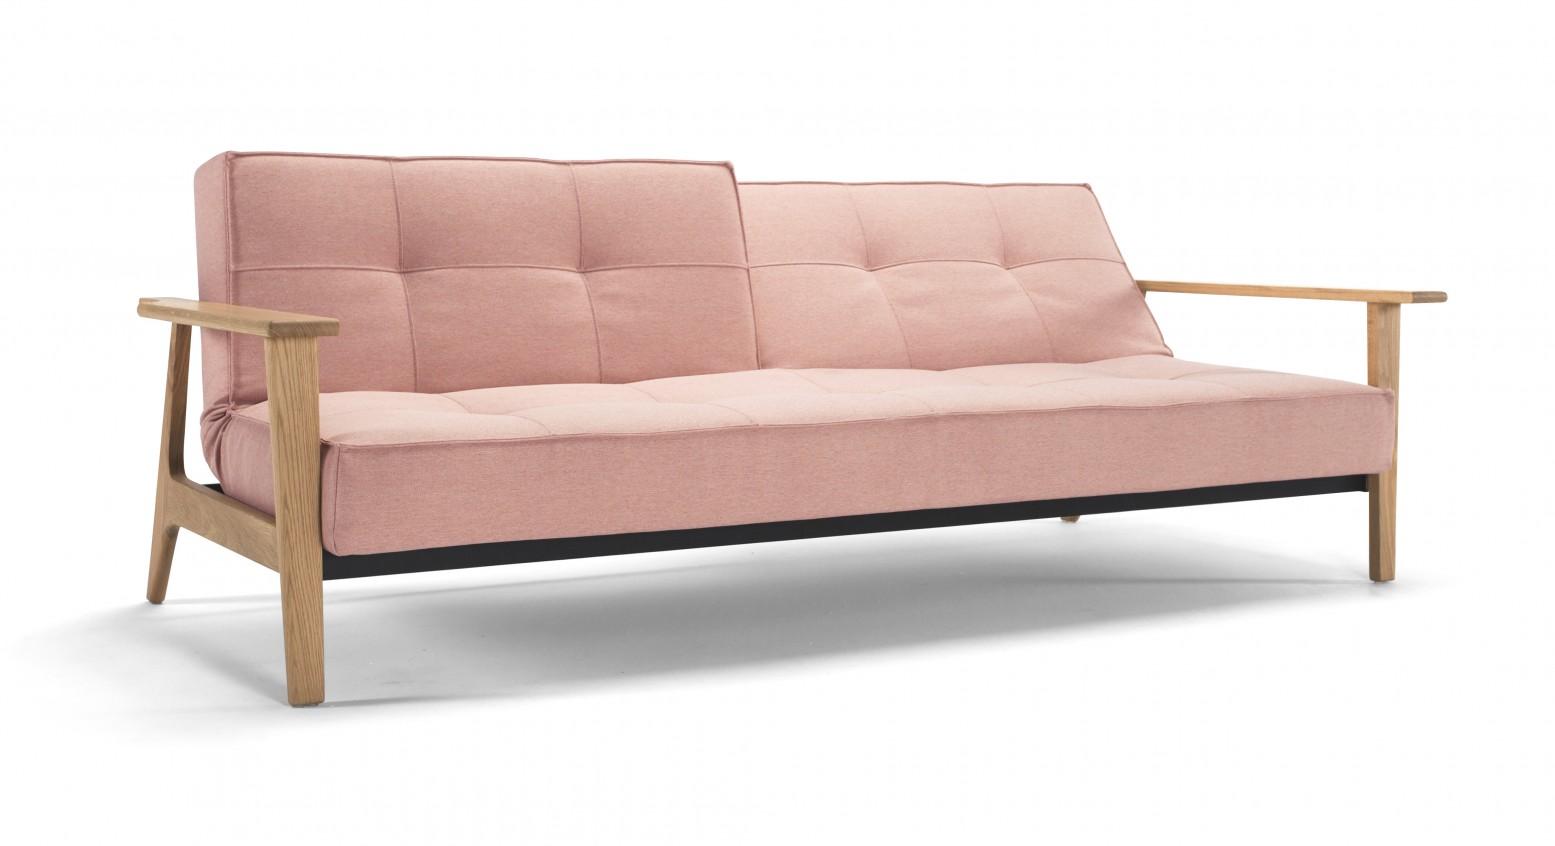 Splitback Sofa Bed W Frej Arms 557